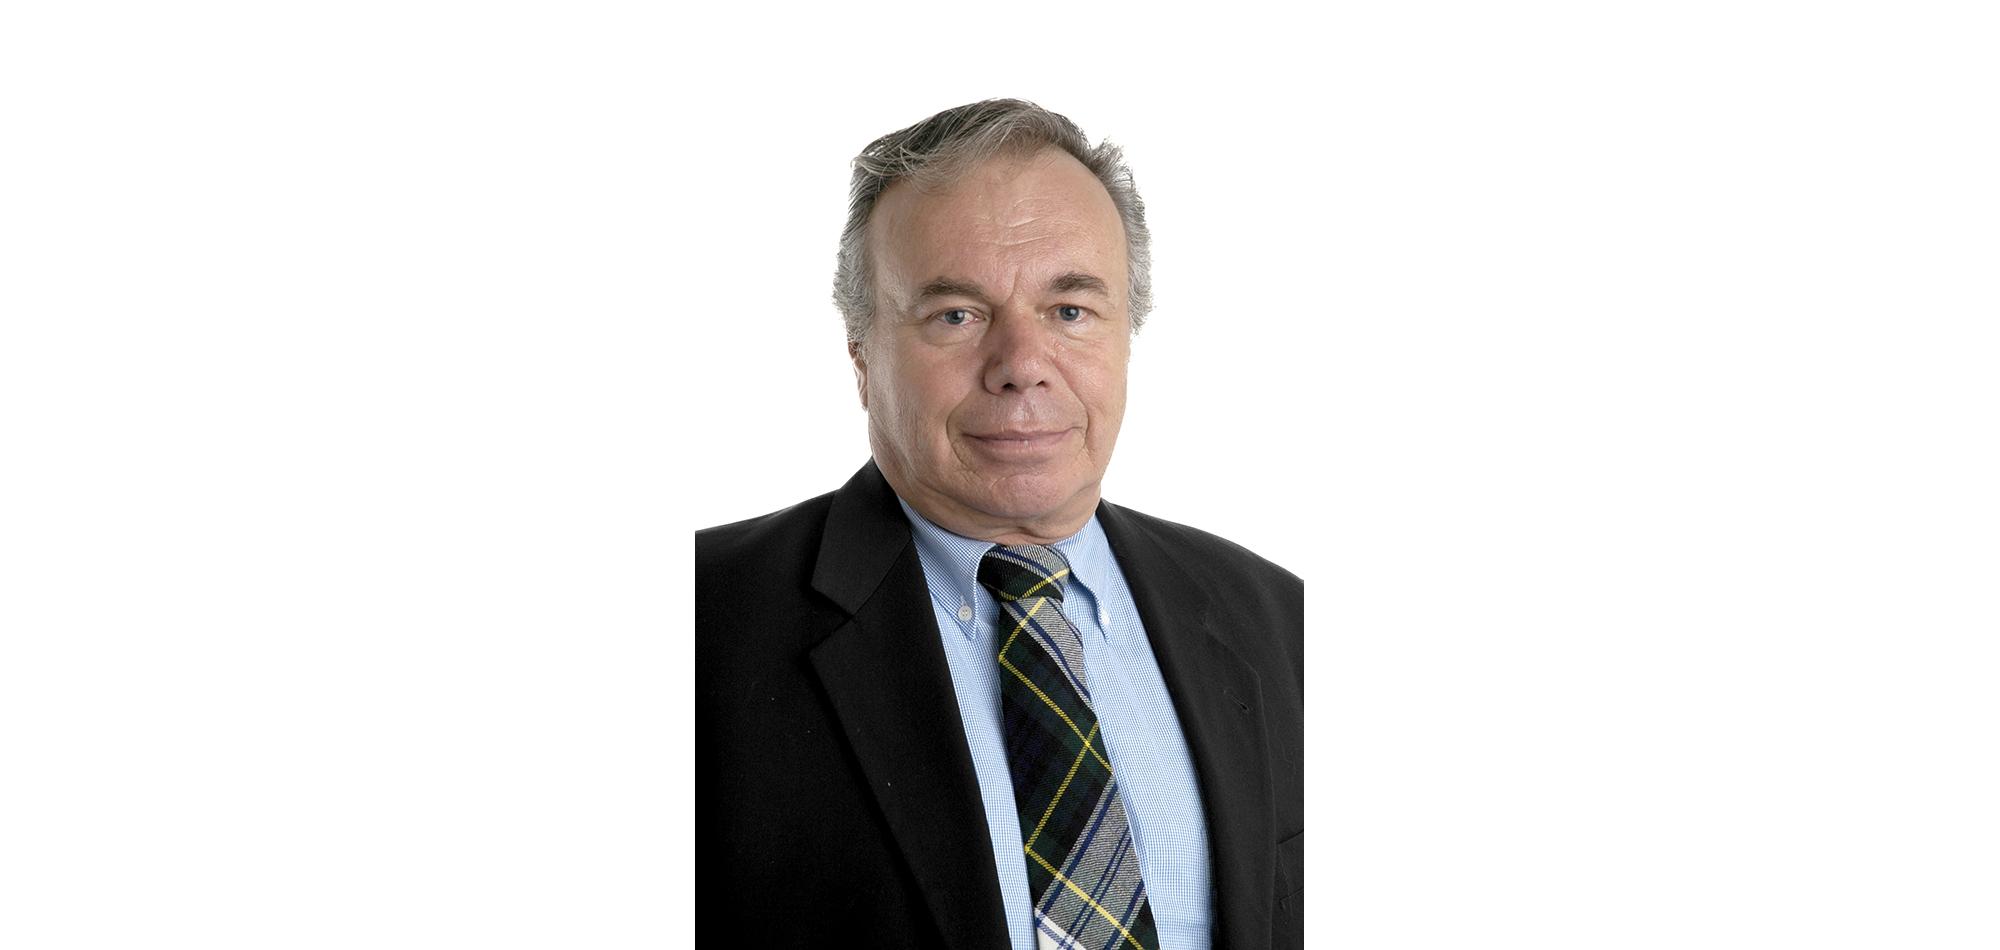 Acı Kaybımız… Üniversitemiz İktisadi, İdari ve Sosyal Bilimler Fakültesi eski öğretim üyesi Prof. Faik Yüksel İnan'ı kaybettik.